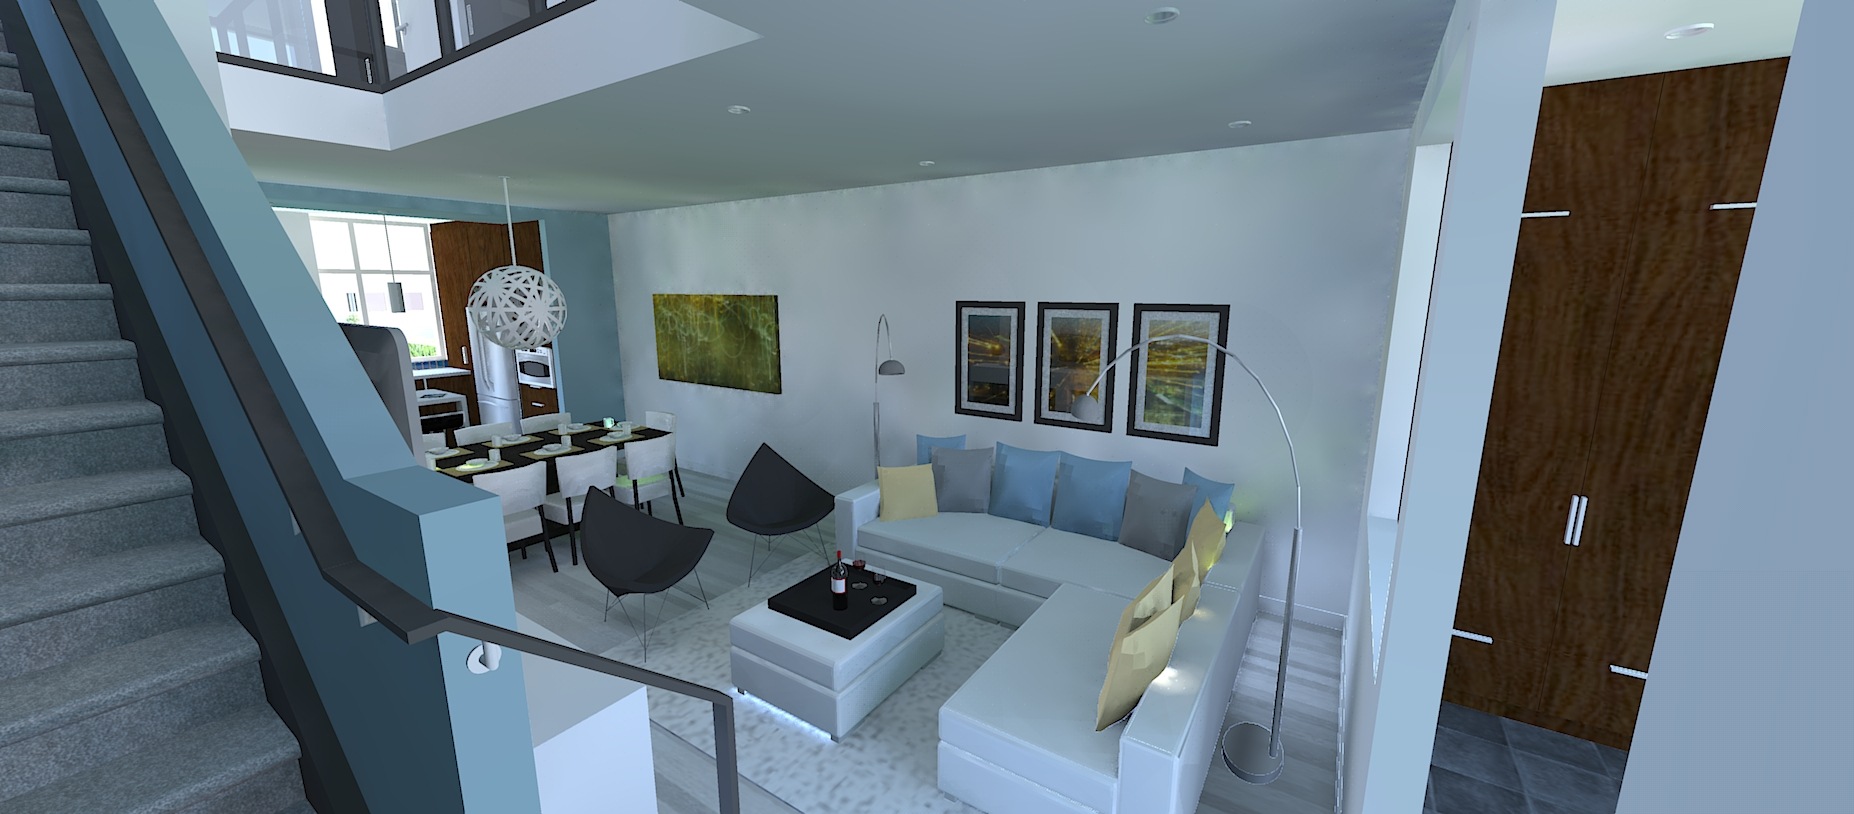 10-Living Room 2.jpg